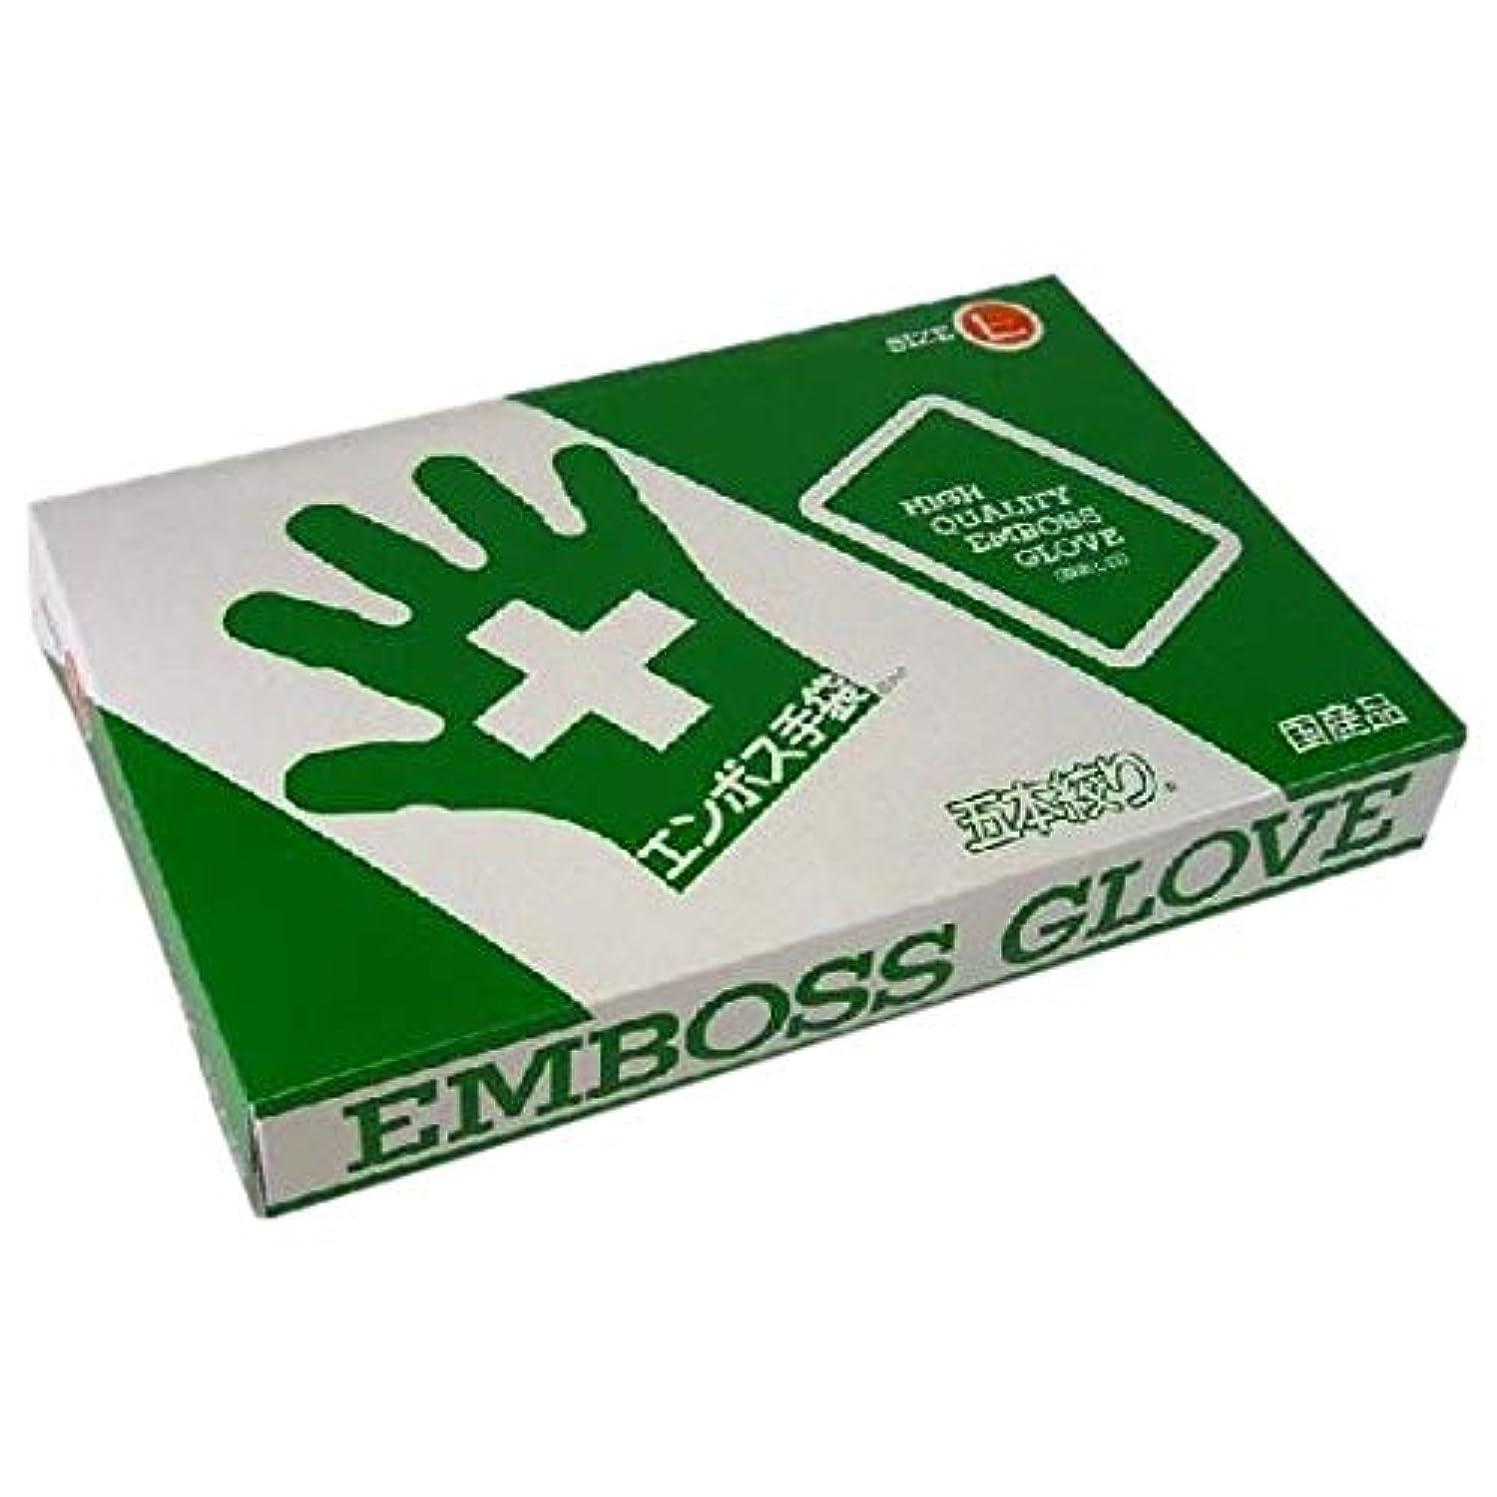 判読できないヘビー考案するエンボス手袋 5本絞り(使い捨て手袋国産品) 東京パック L 200枚入x20箱入り